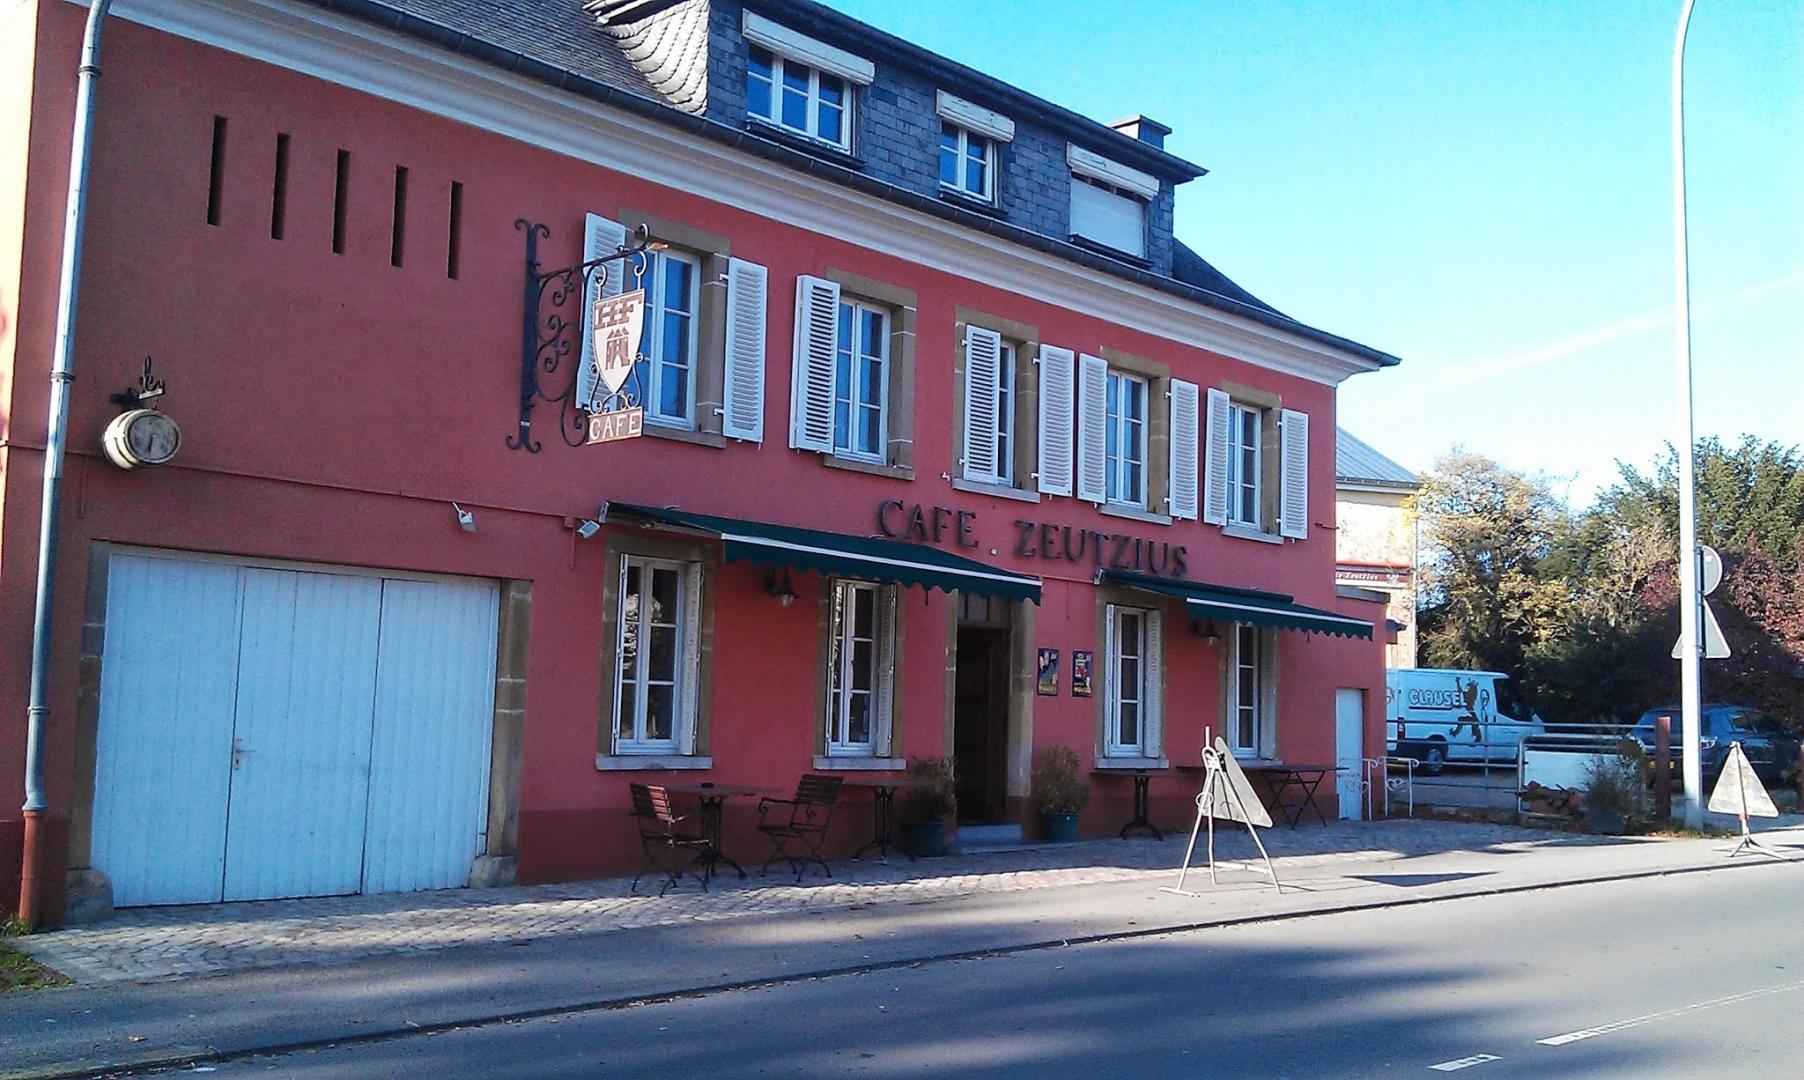 Beim zeutzius restaurant luxembourg - Restaurant rue des bains luxembourg ...